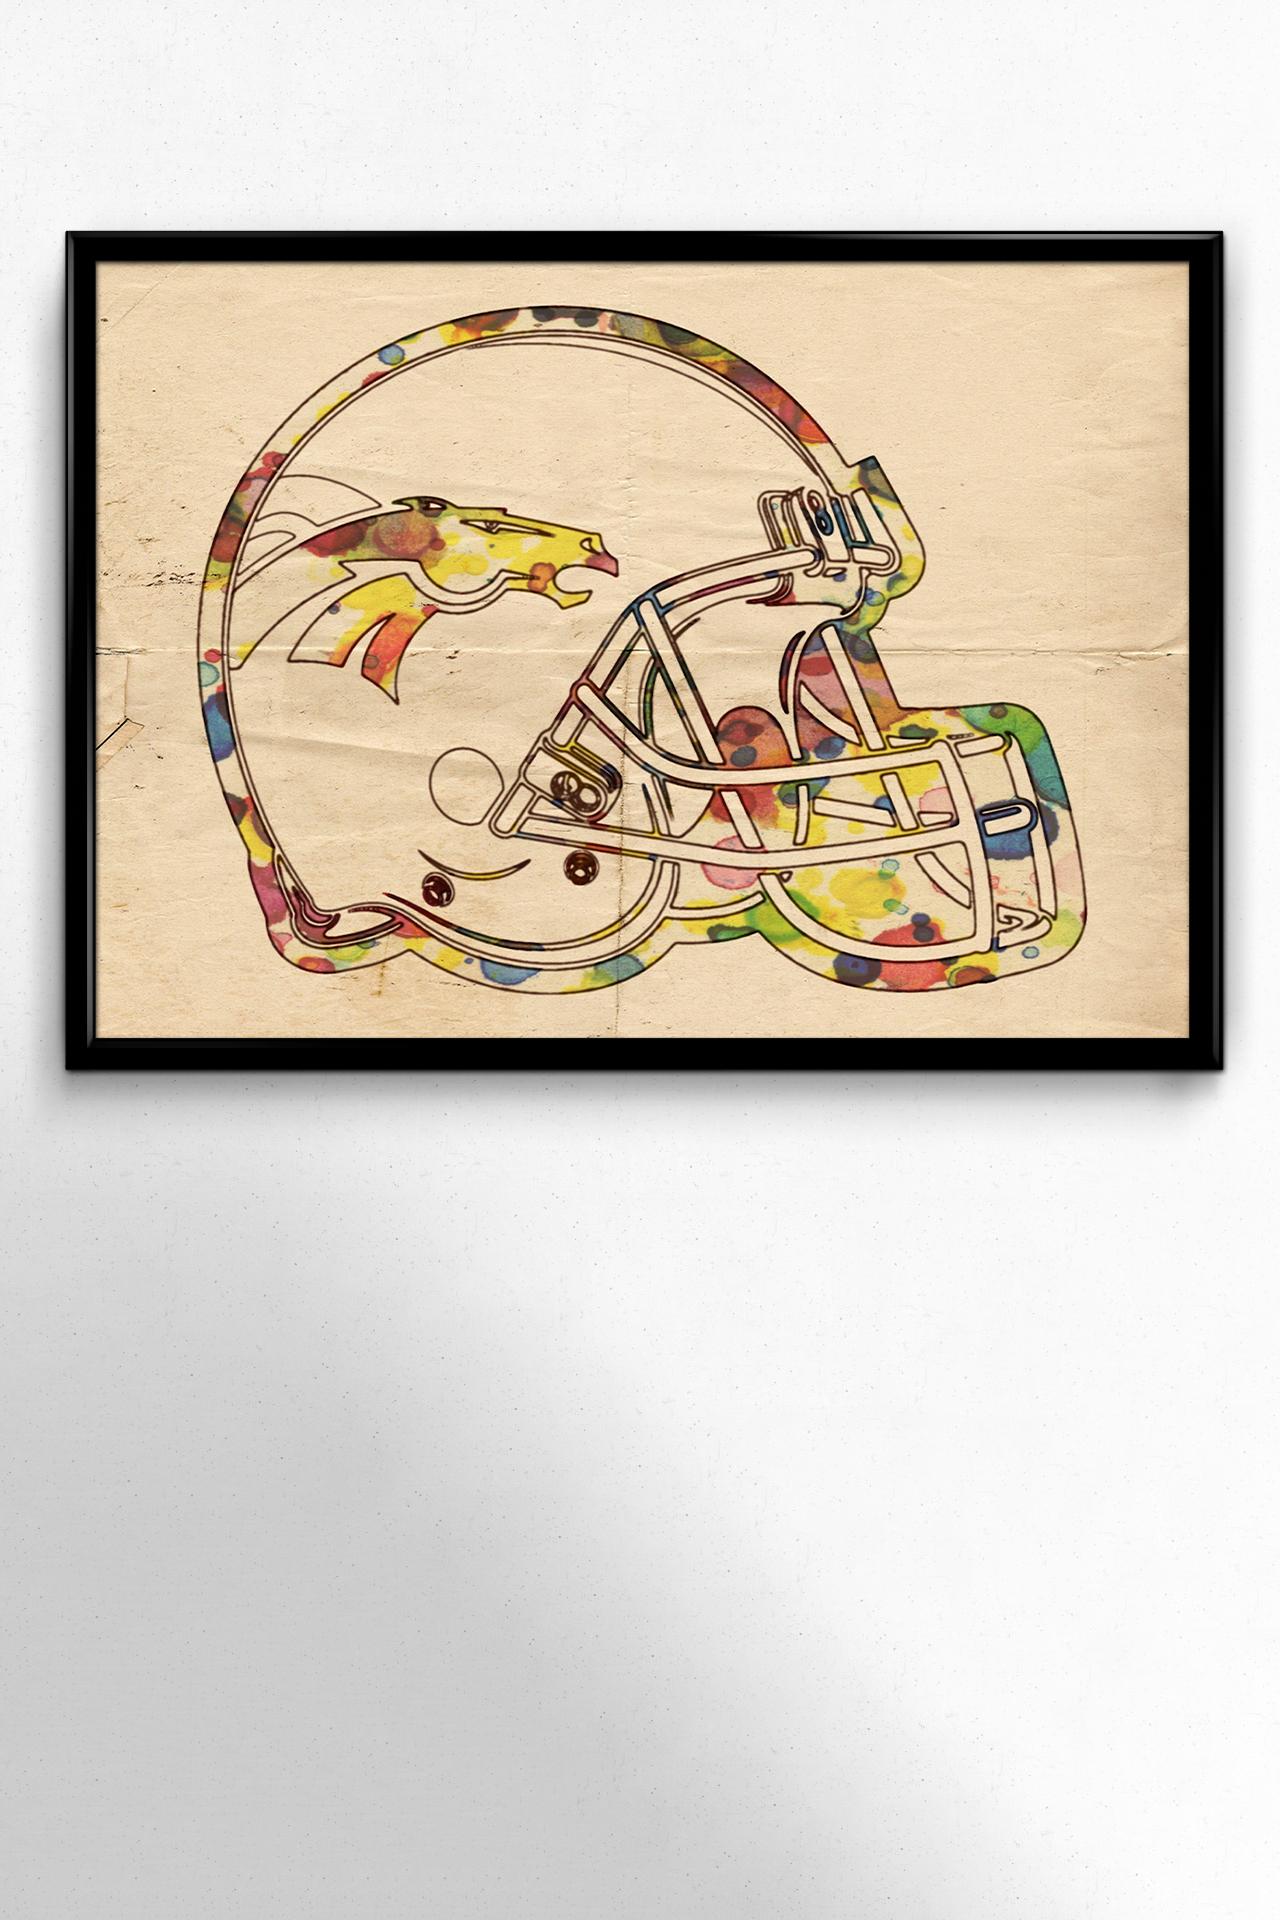 Denver Broncos Poster Art in 2020 Poster art, Art, Poster